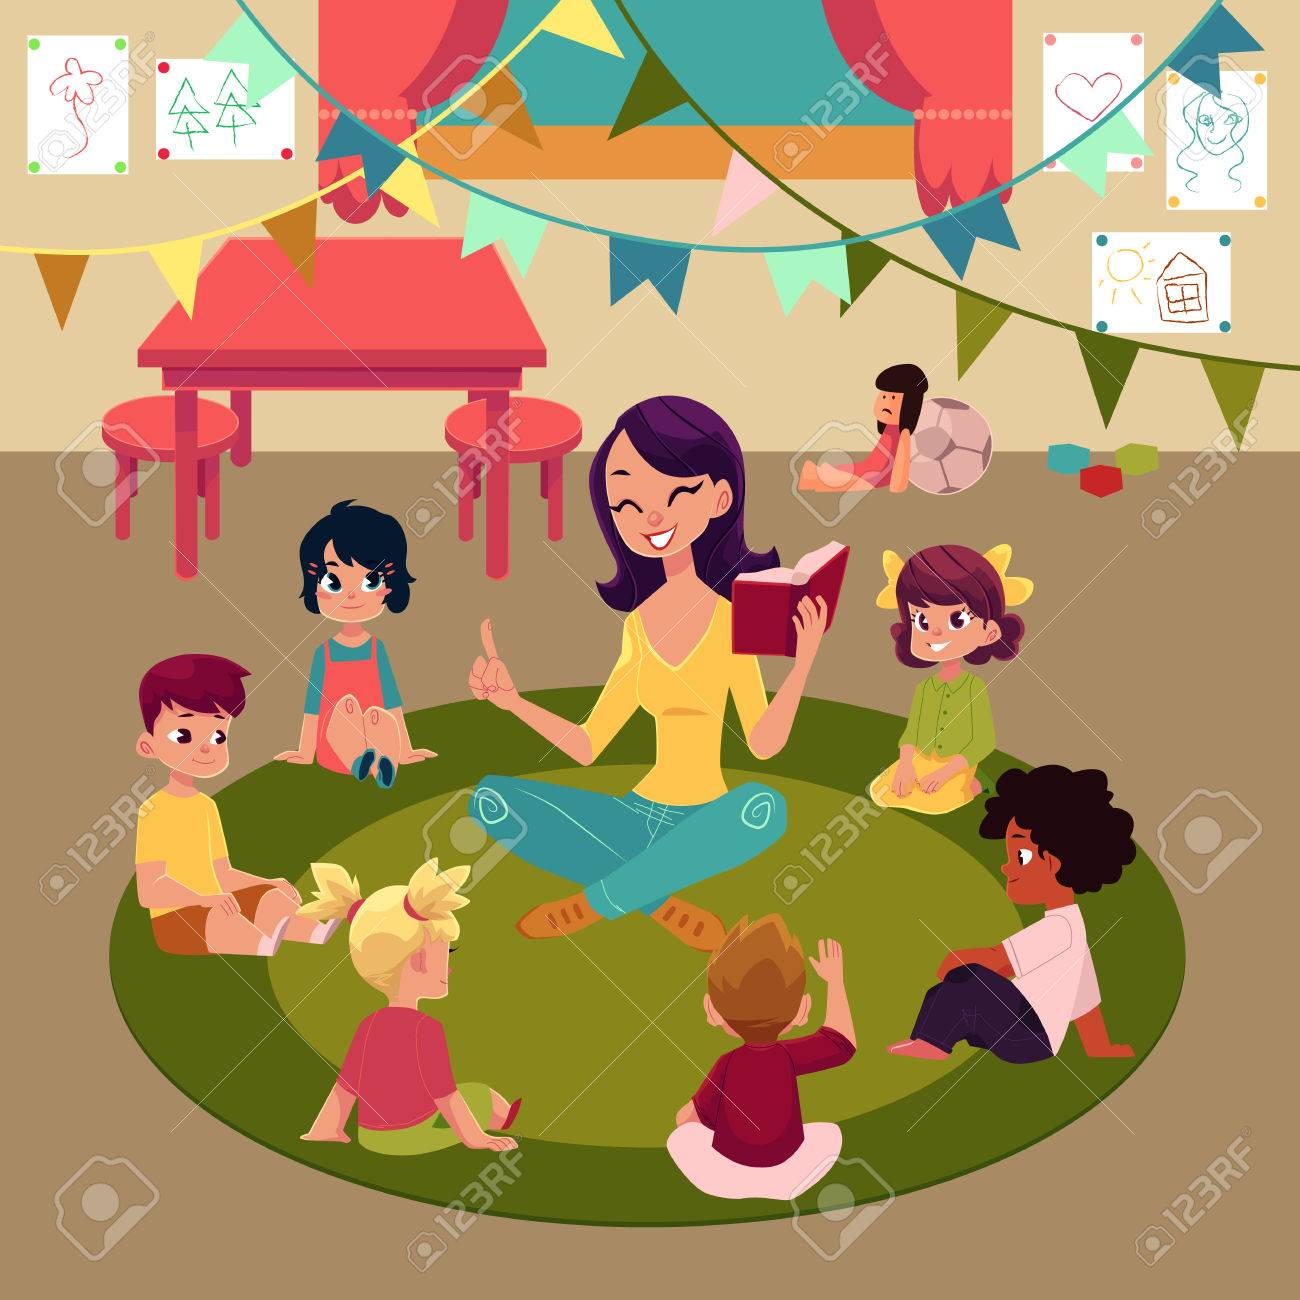 Kindergarten kids sitting in classroom around teacher who reads them book, cartoon vector illustration. Female teacher read book to kids sitting around, listening with interest, kindergarten interior - 82257244